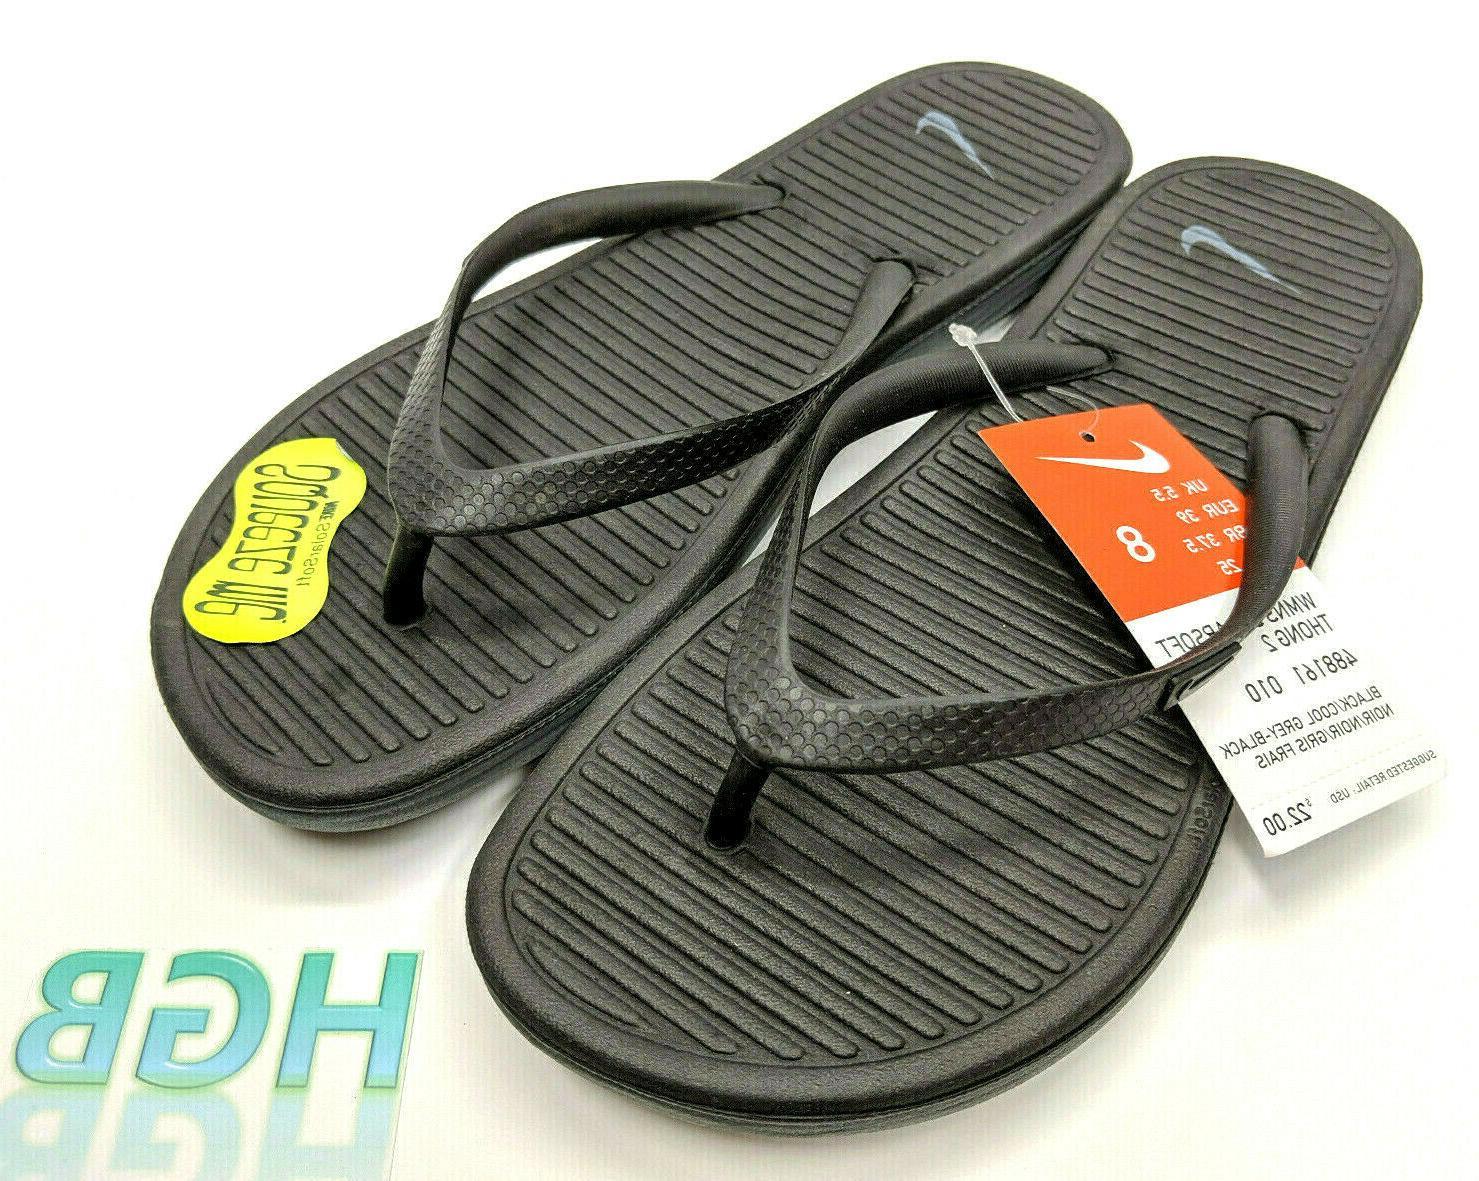 solarsoft thong 2 womens flip flops sandals